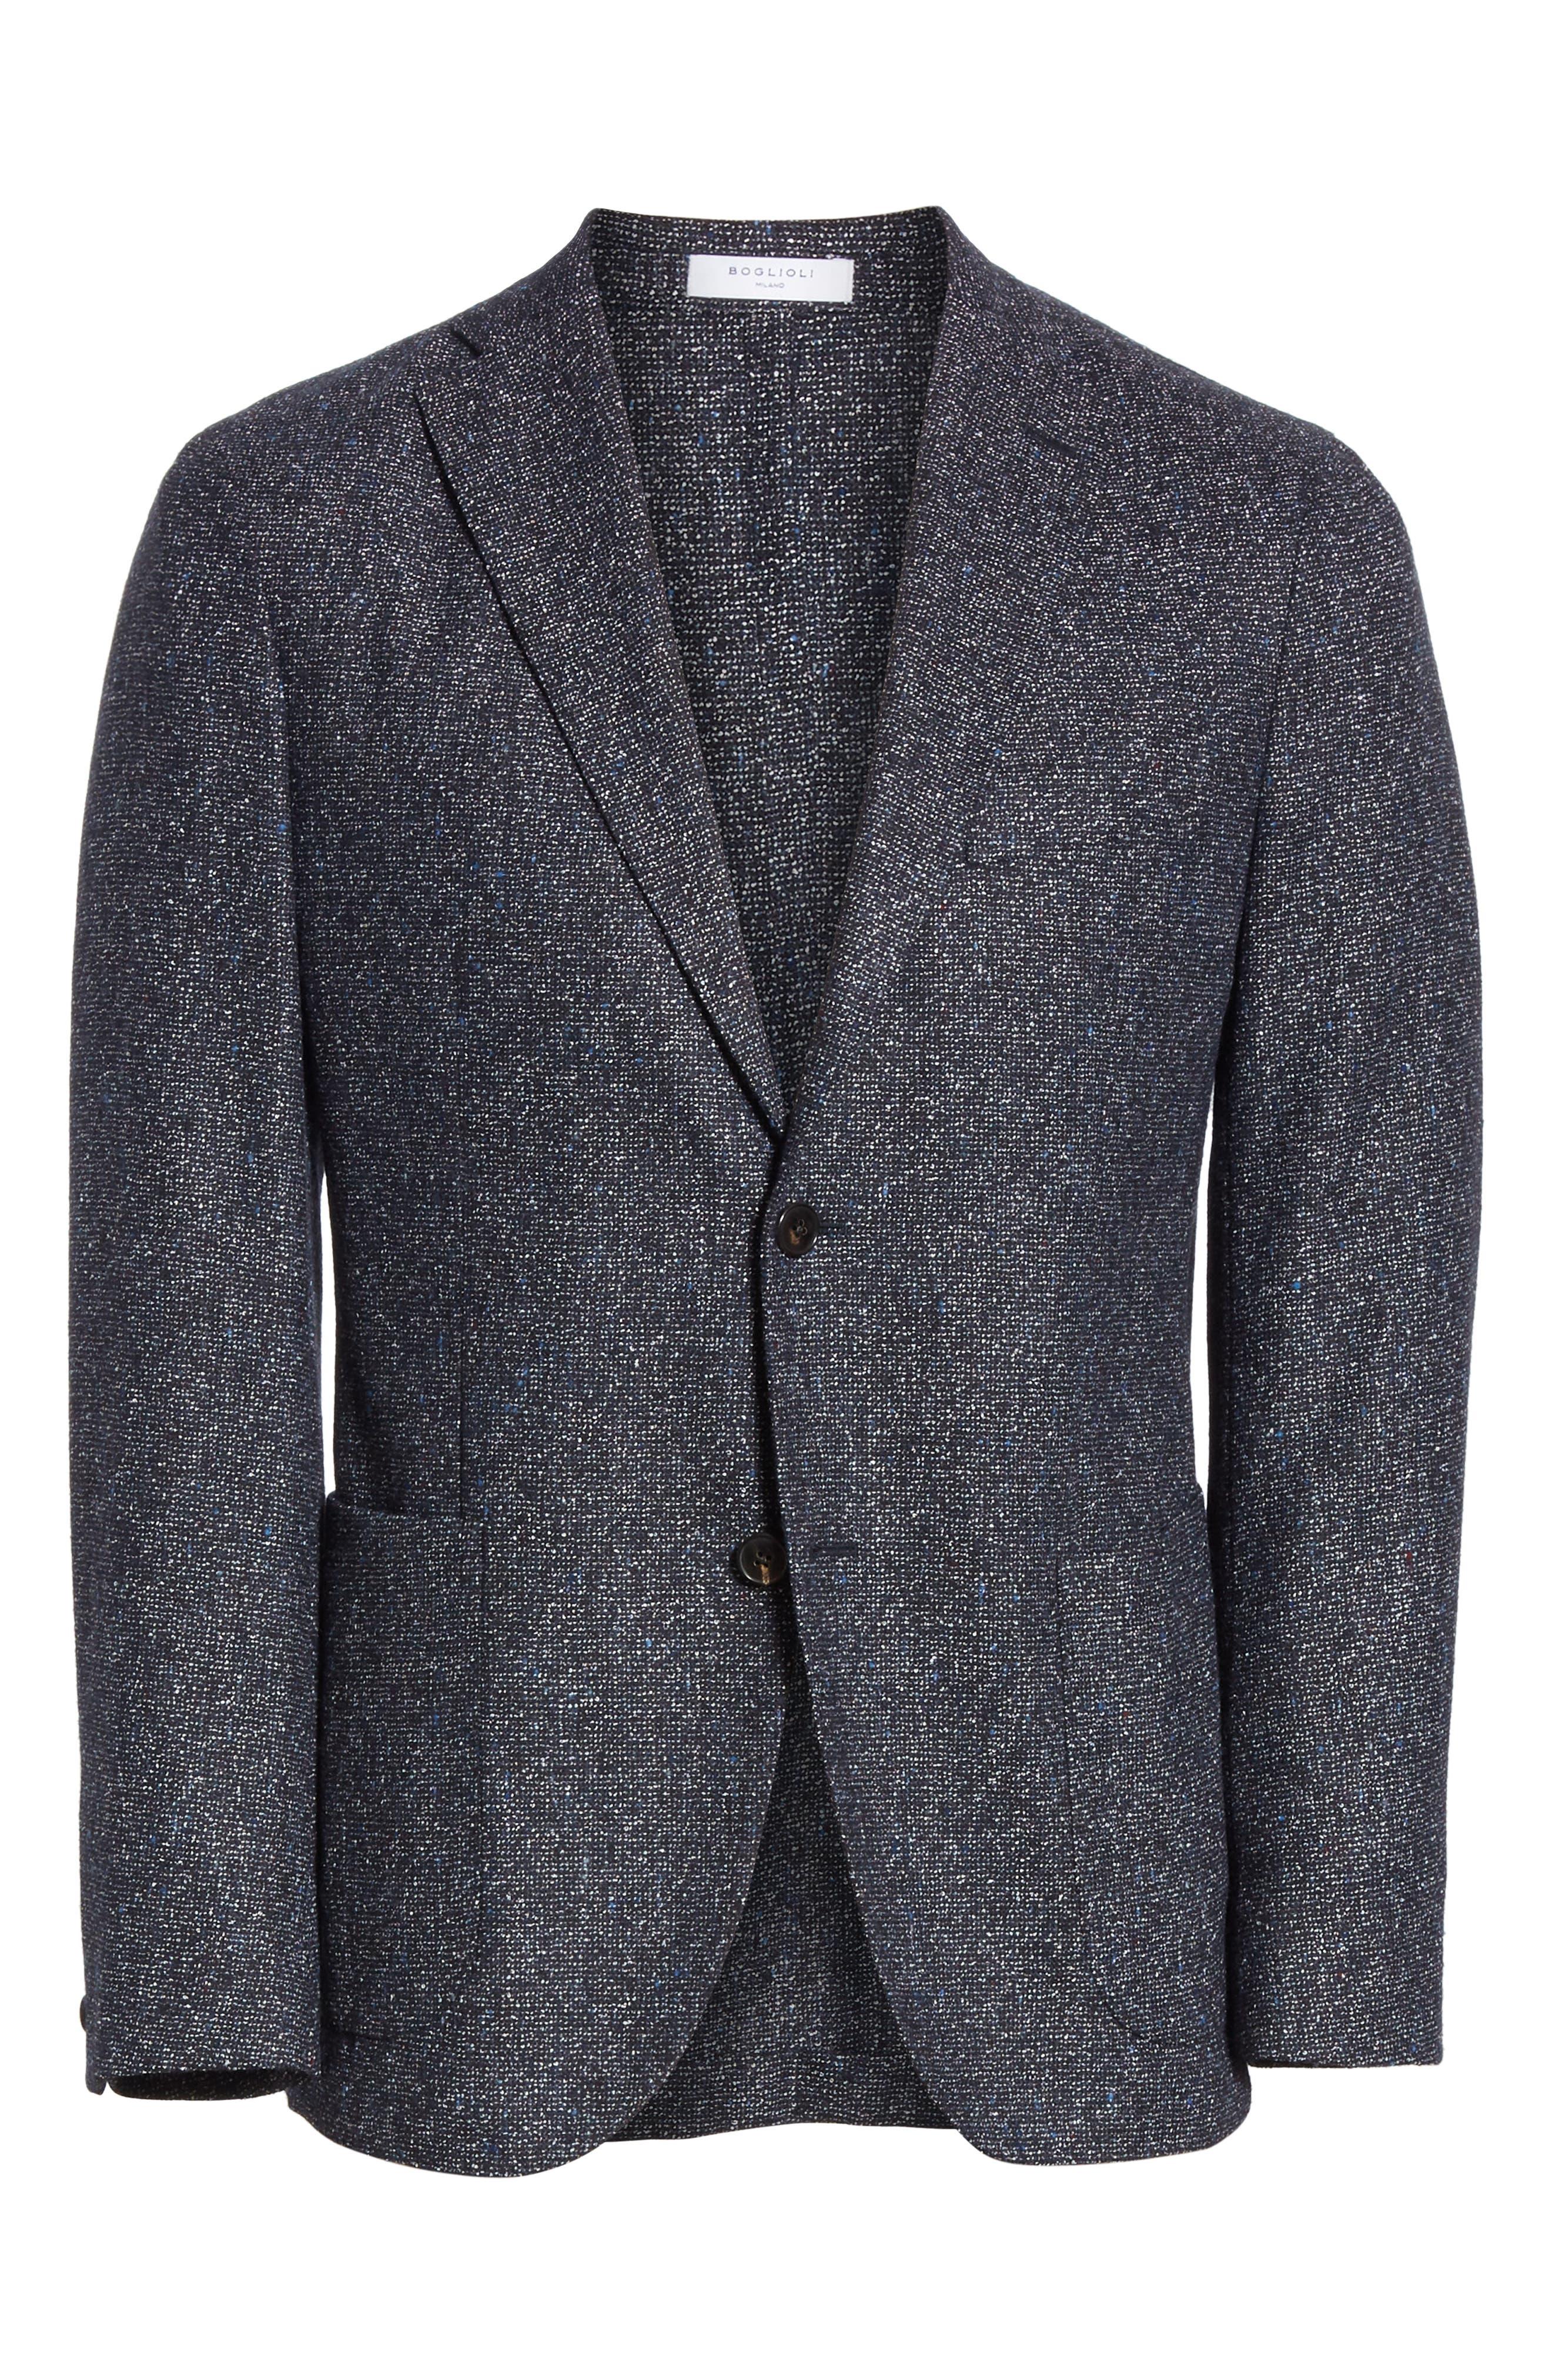 Trim Fit Tweed Wool Blend Blazer,                             Alternate thumbnail 5, color,                             NAVY